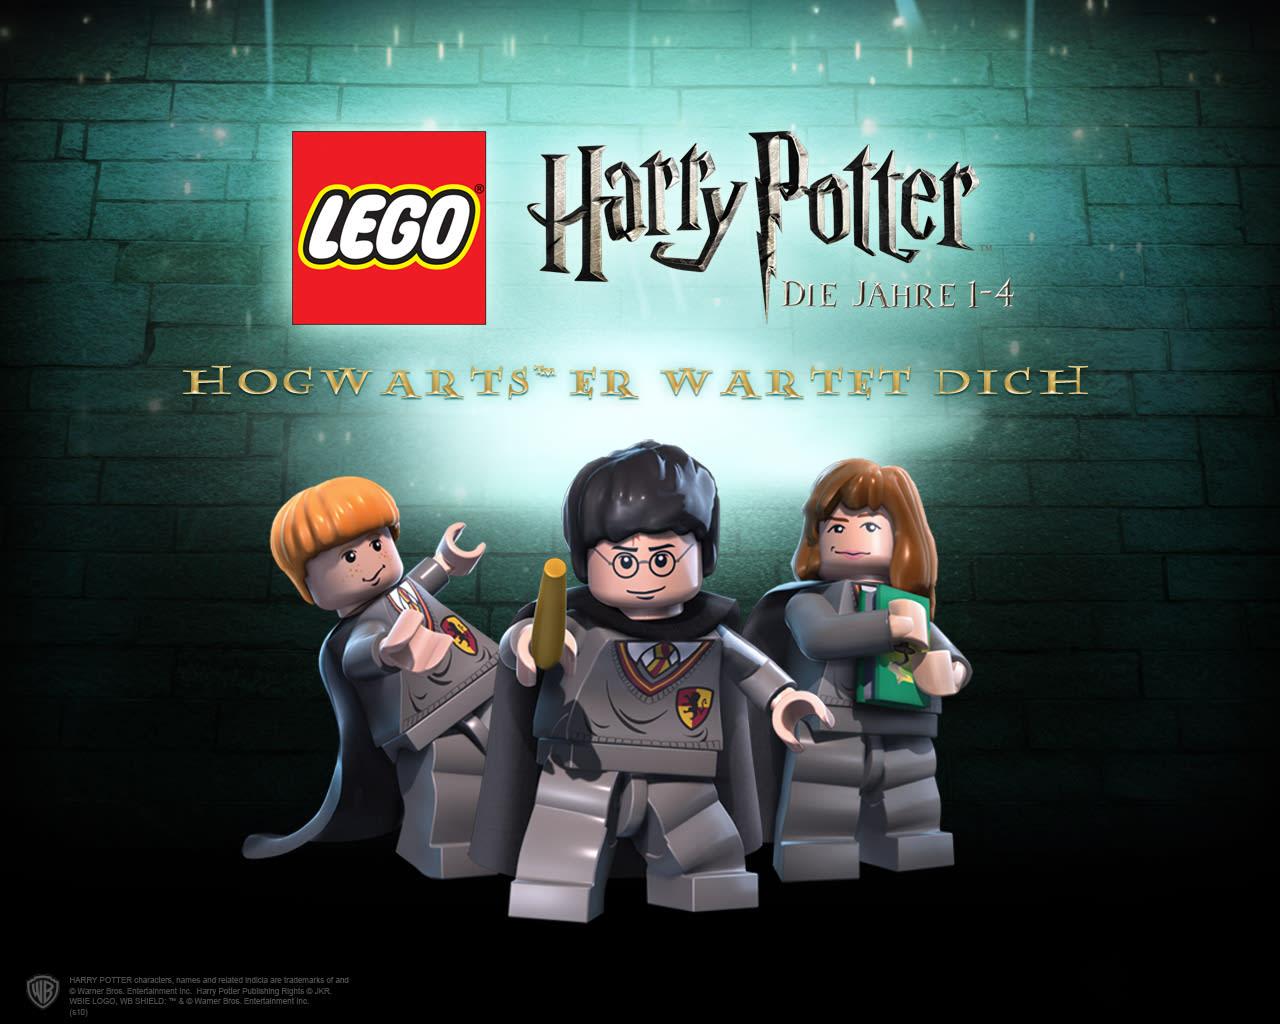 Lego Harry Potter - Die Jahre 1-4 Wallpaper